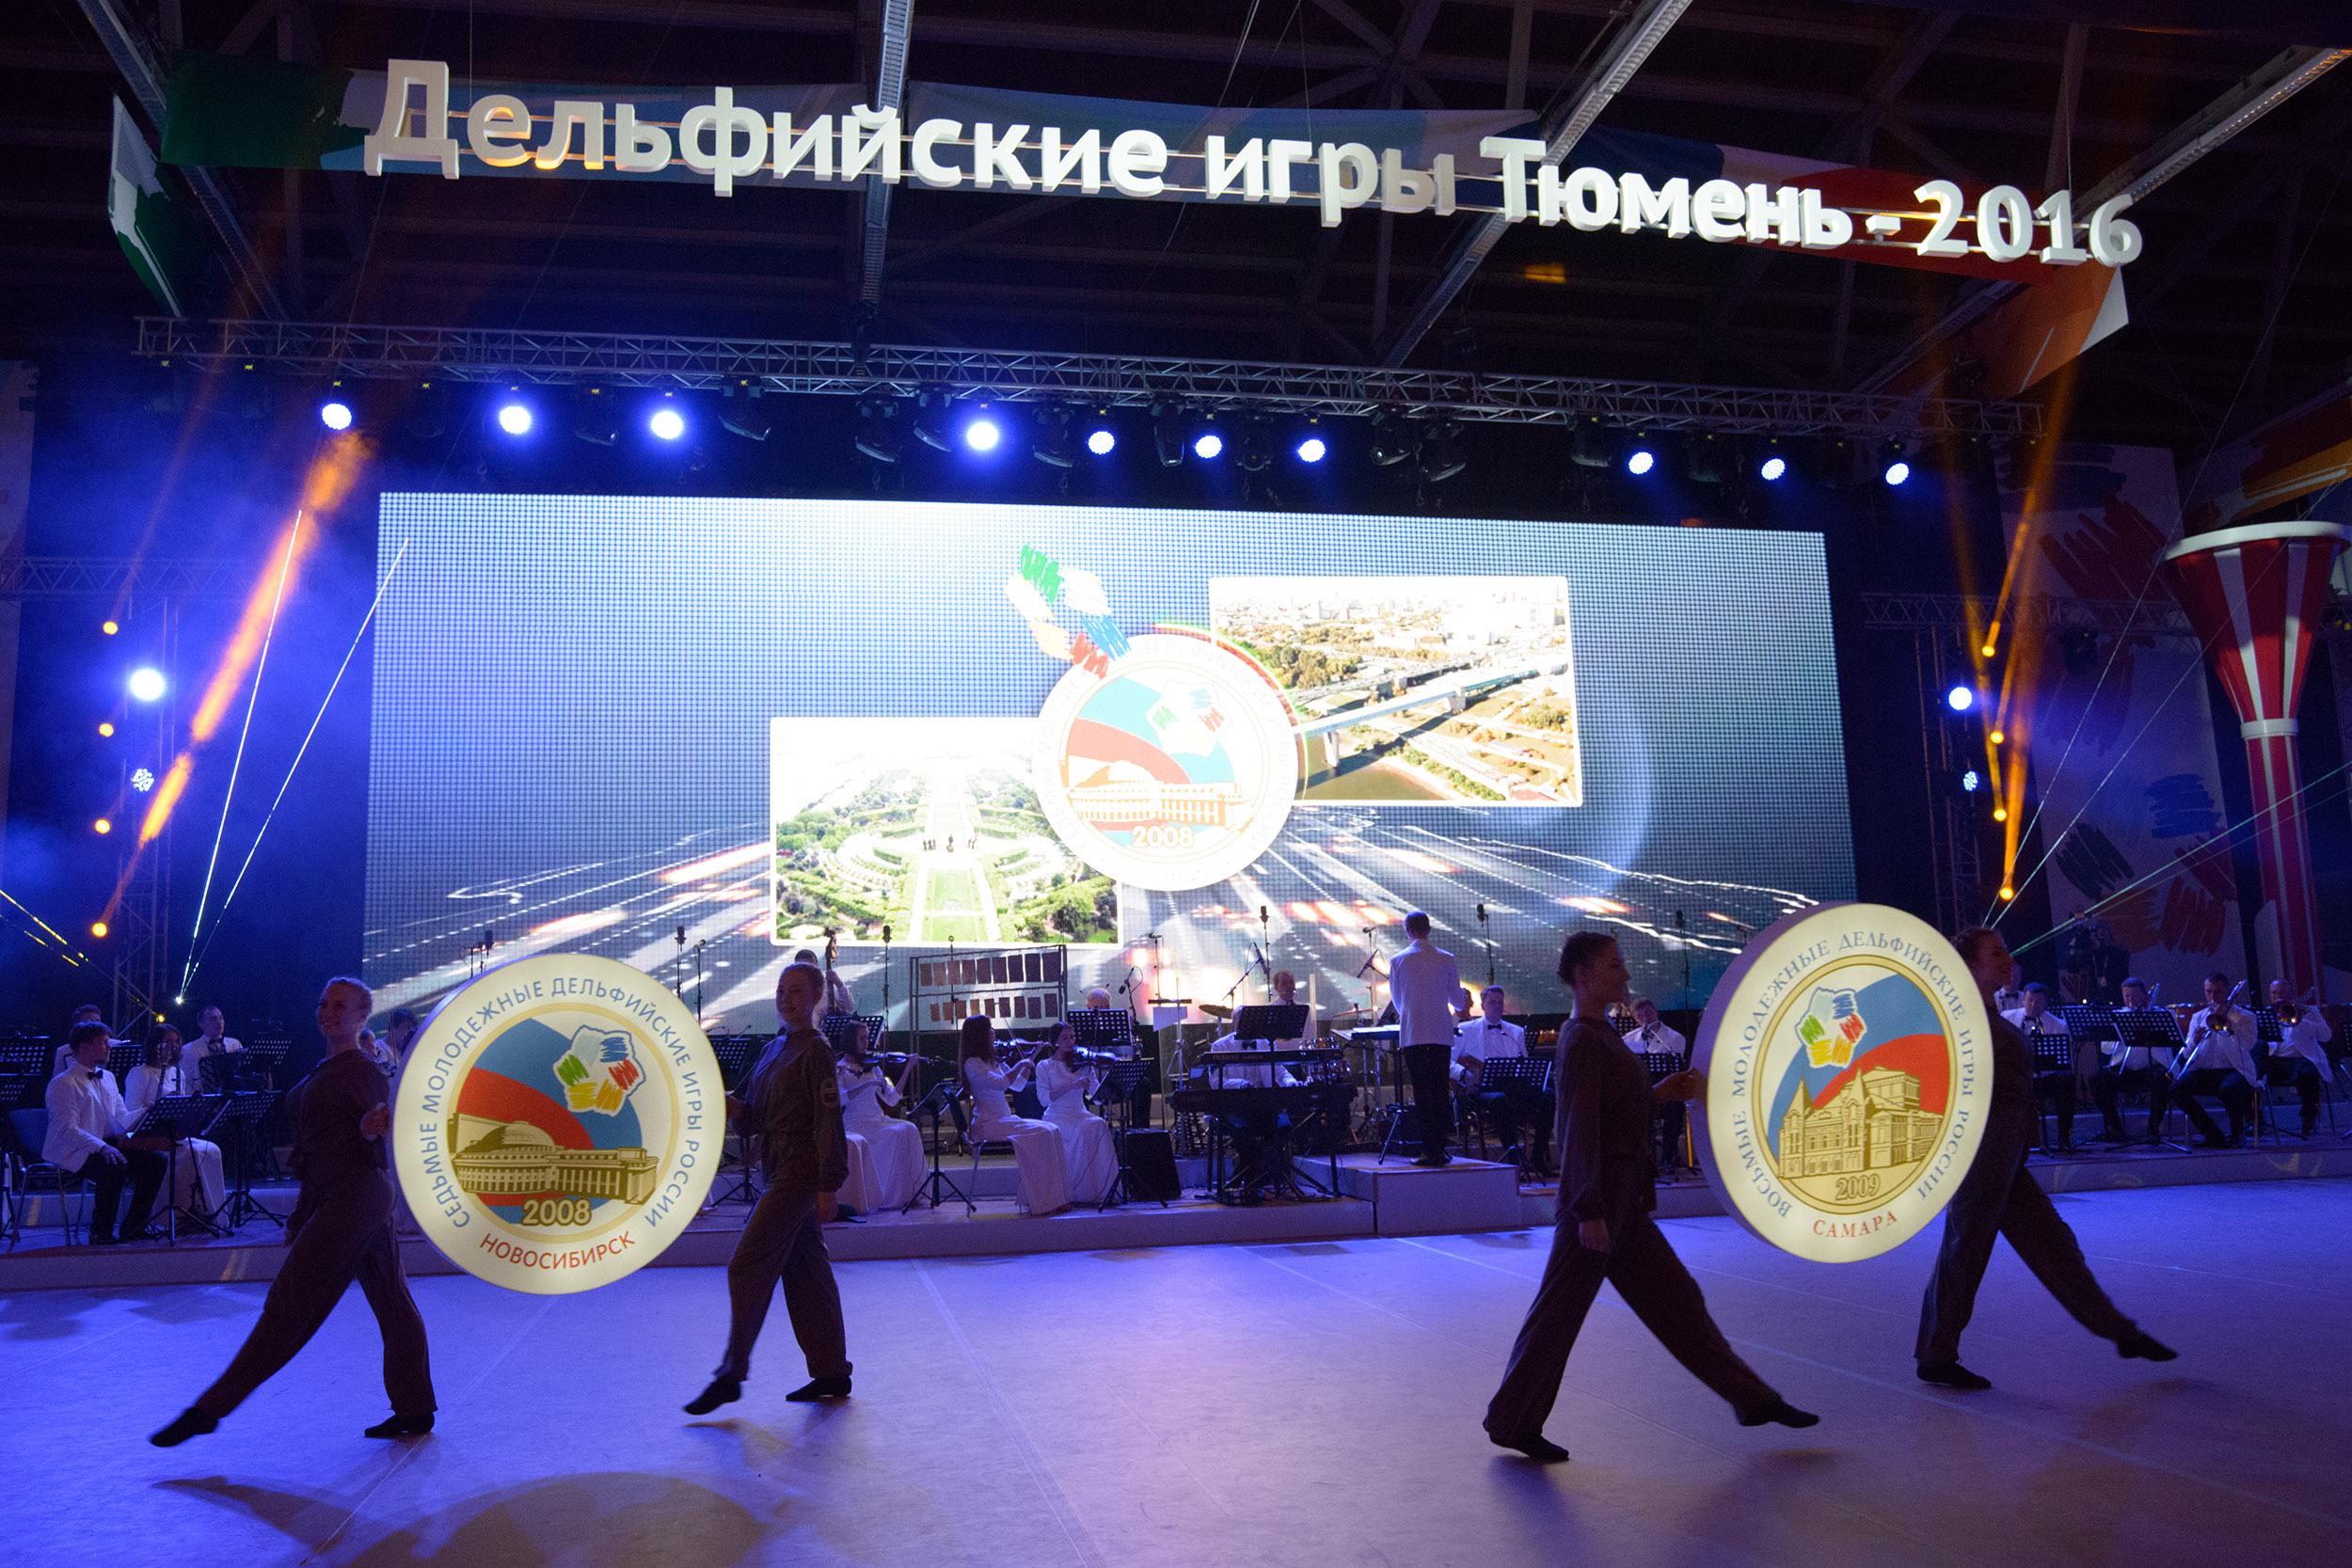 фото открытие дельфийских игр тюмени предоставляет доступ